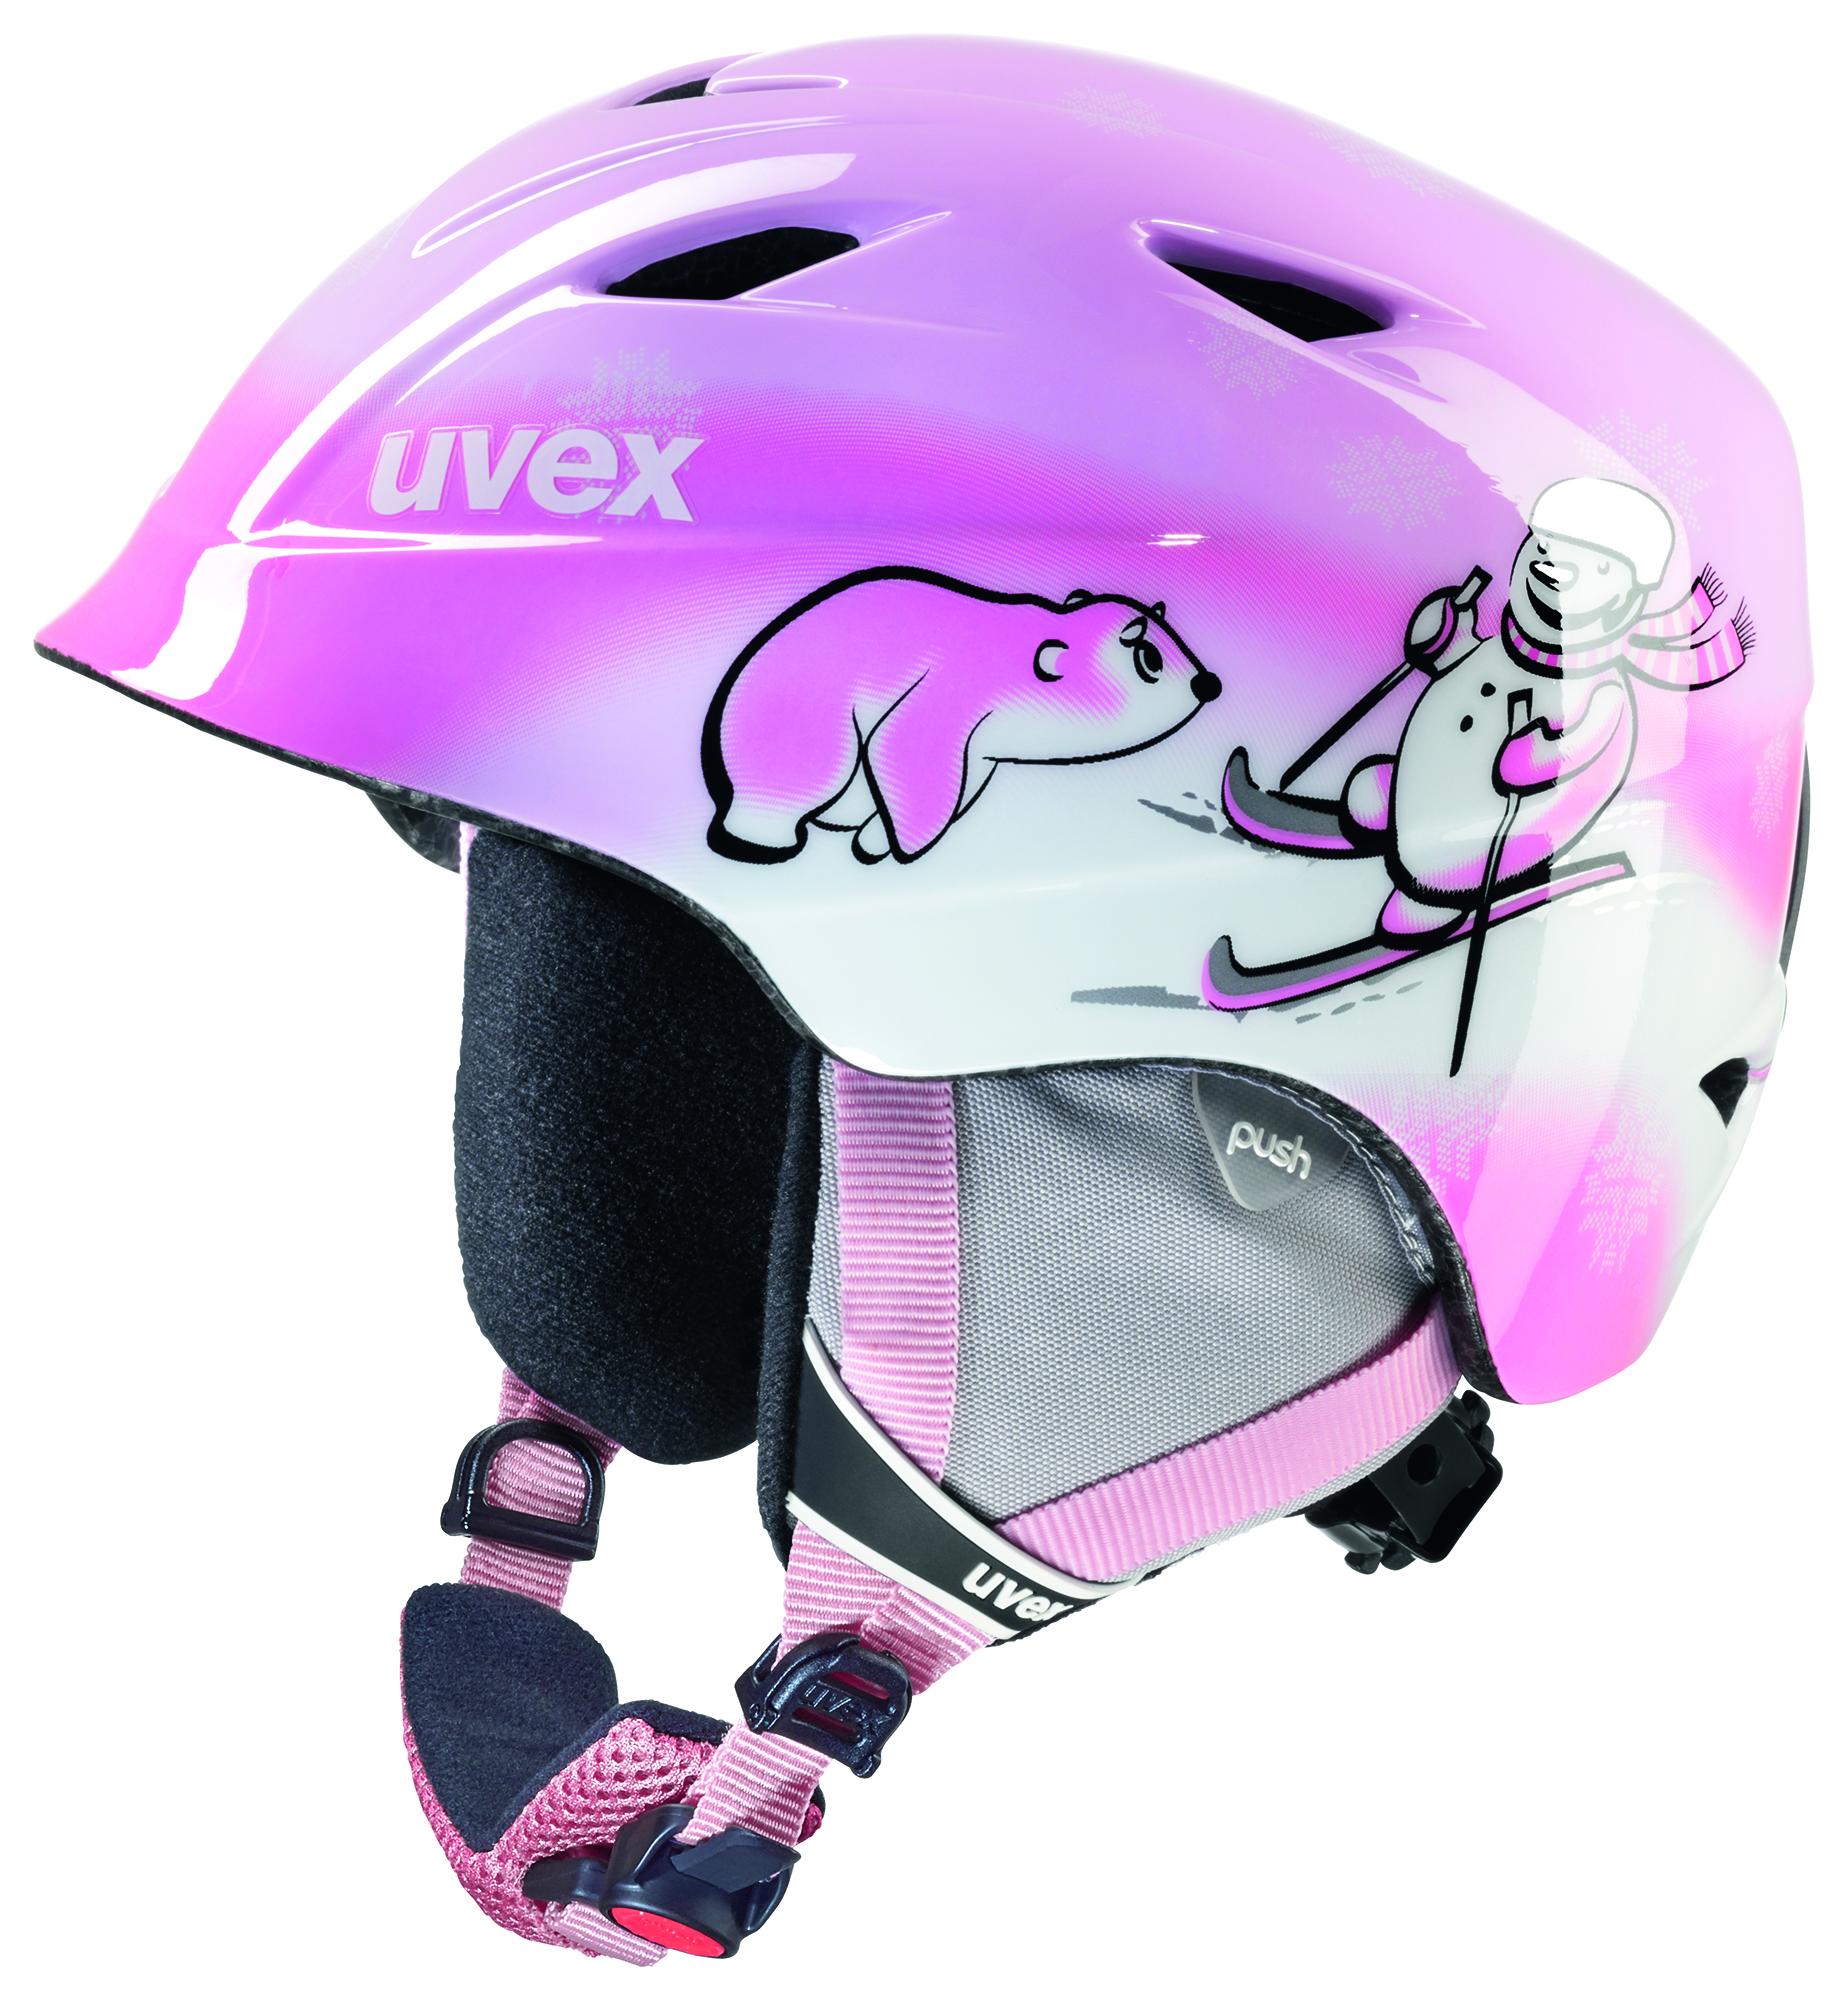 Uvex Шлем детский Uvex Airwing 2, размер 48-52